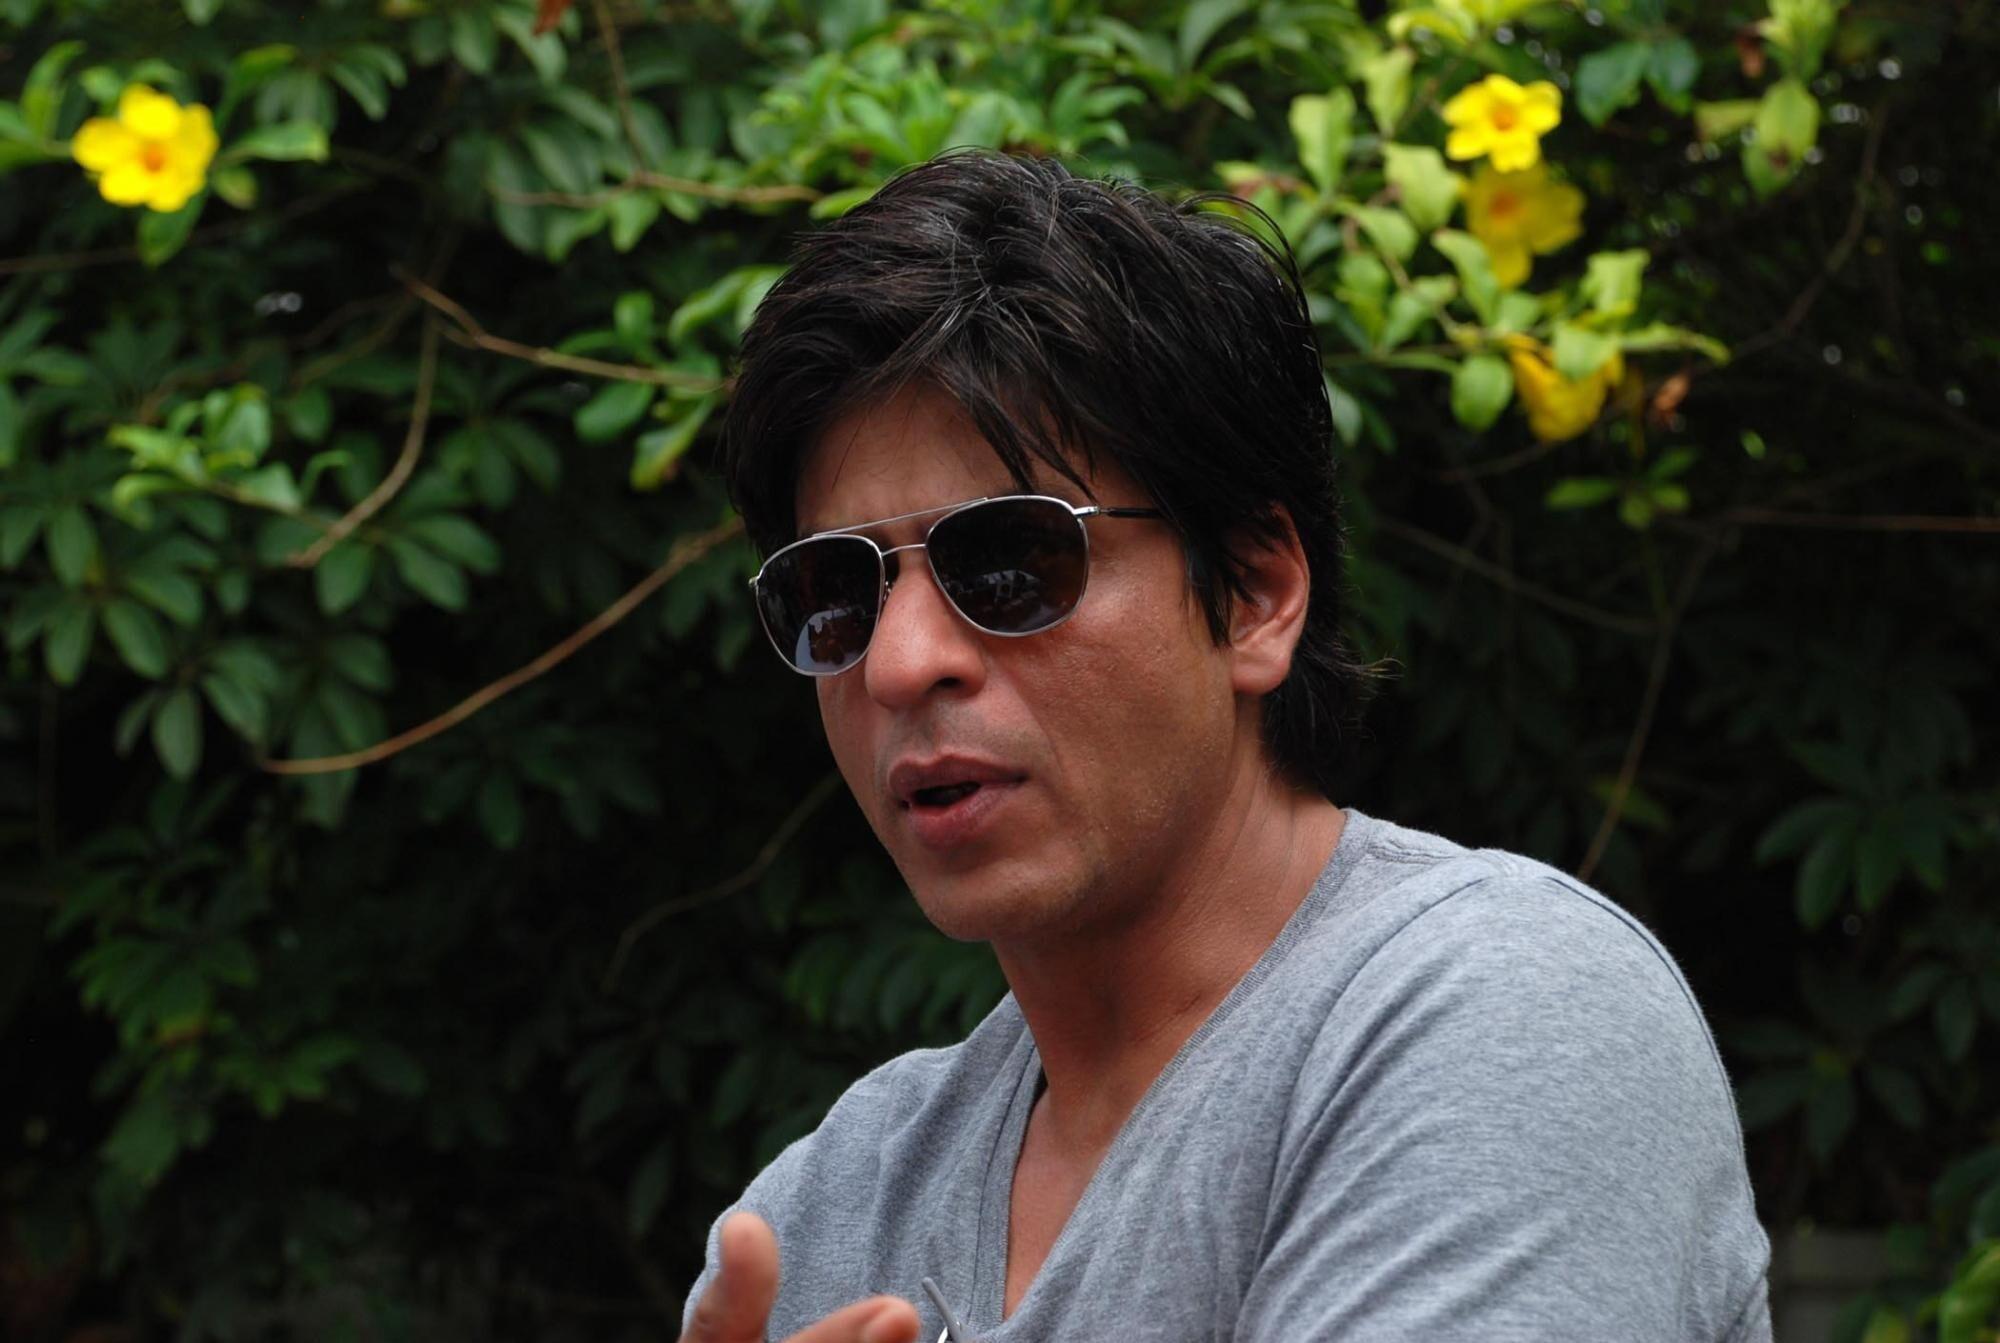 ffbad2c630837 Shahrukh Khan Wear Goggles